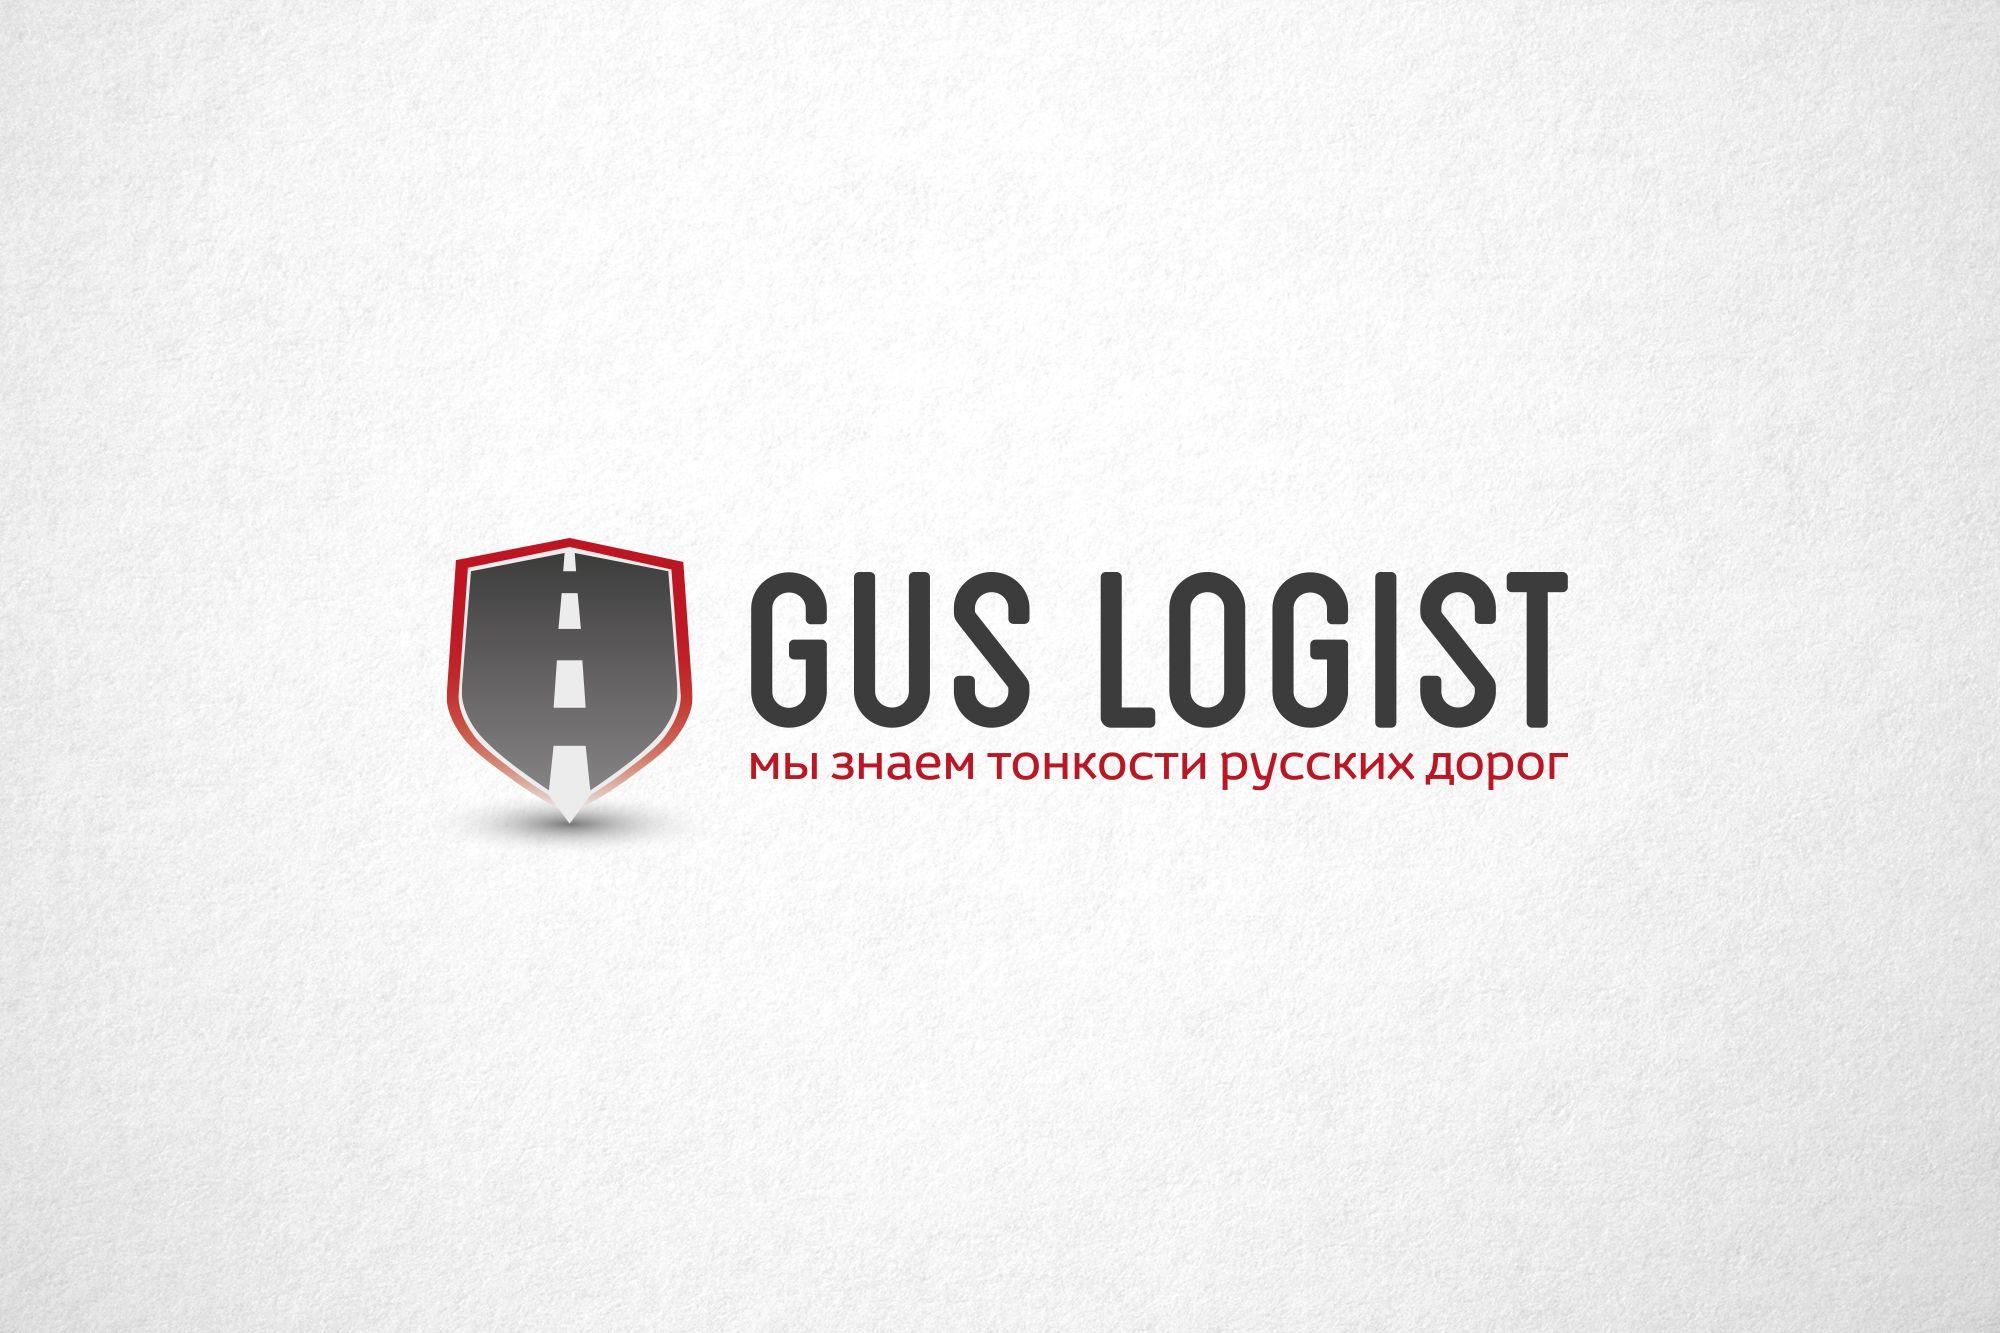 Логотип для транспортной компании - дизайнер funkielevis